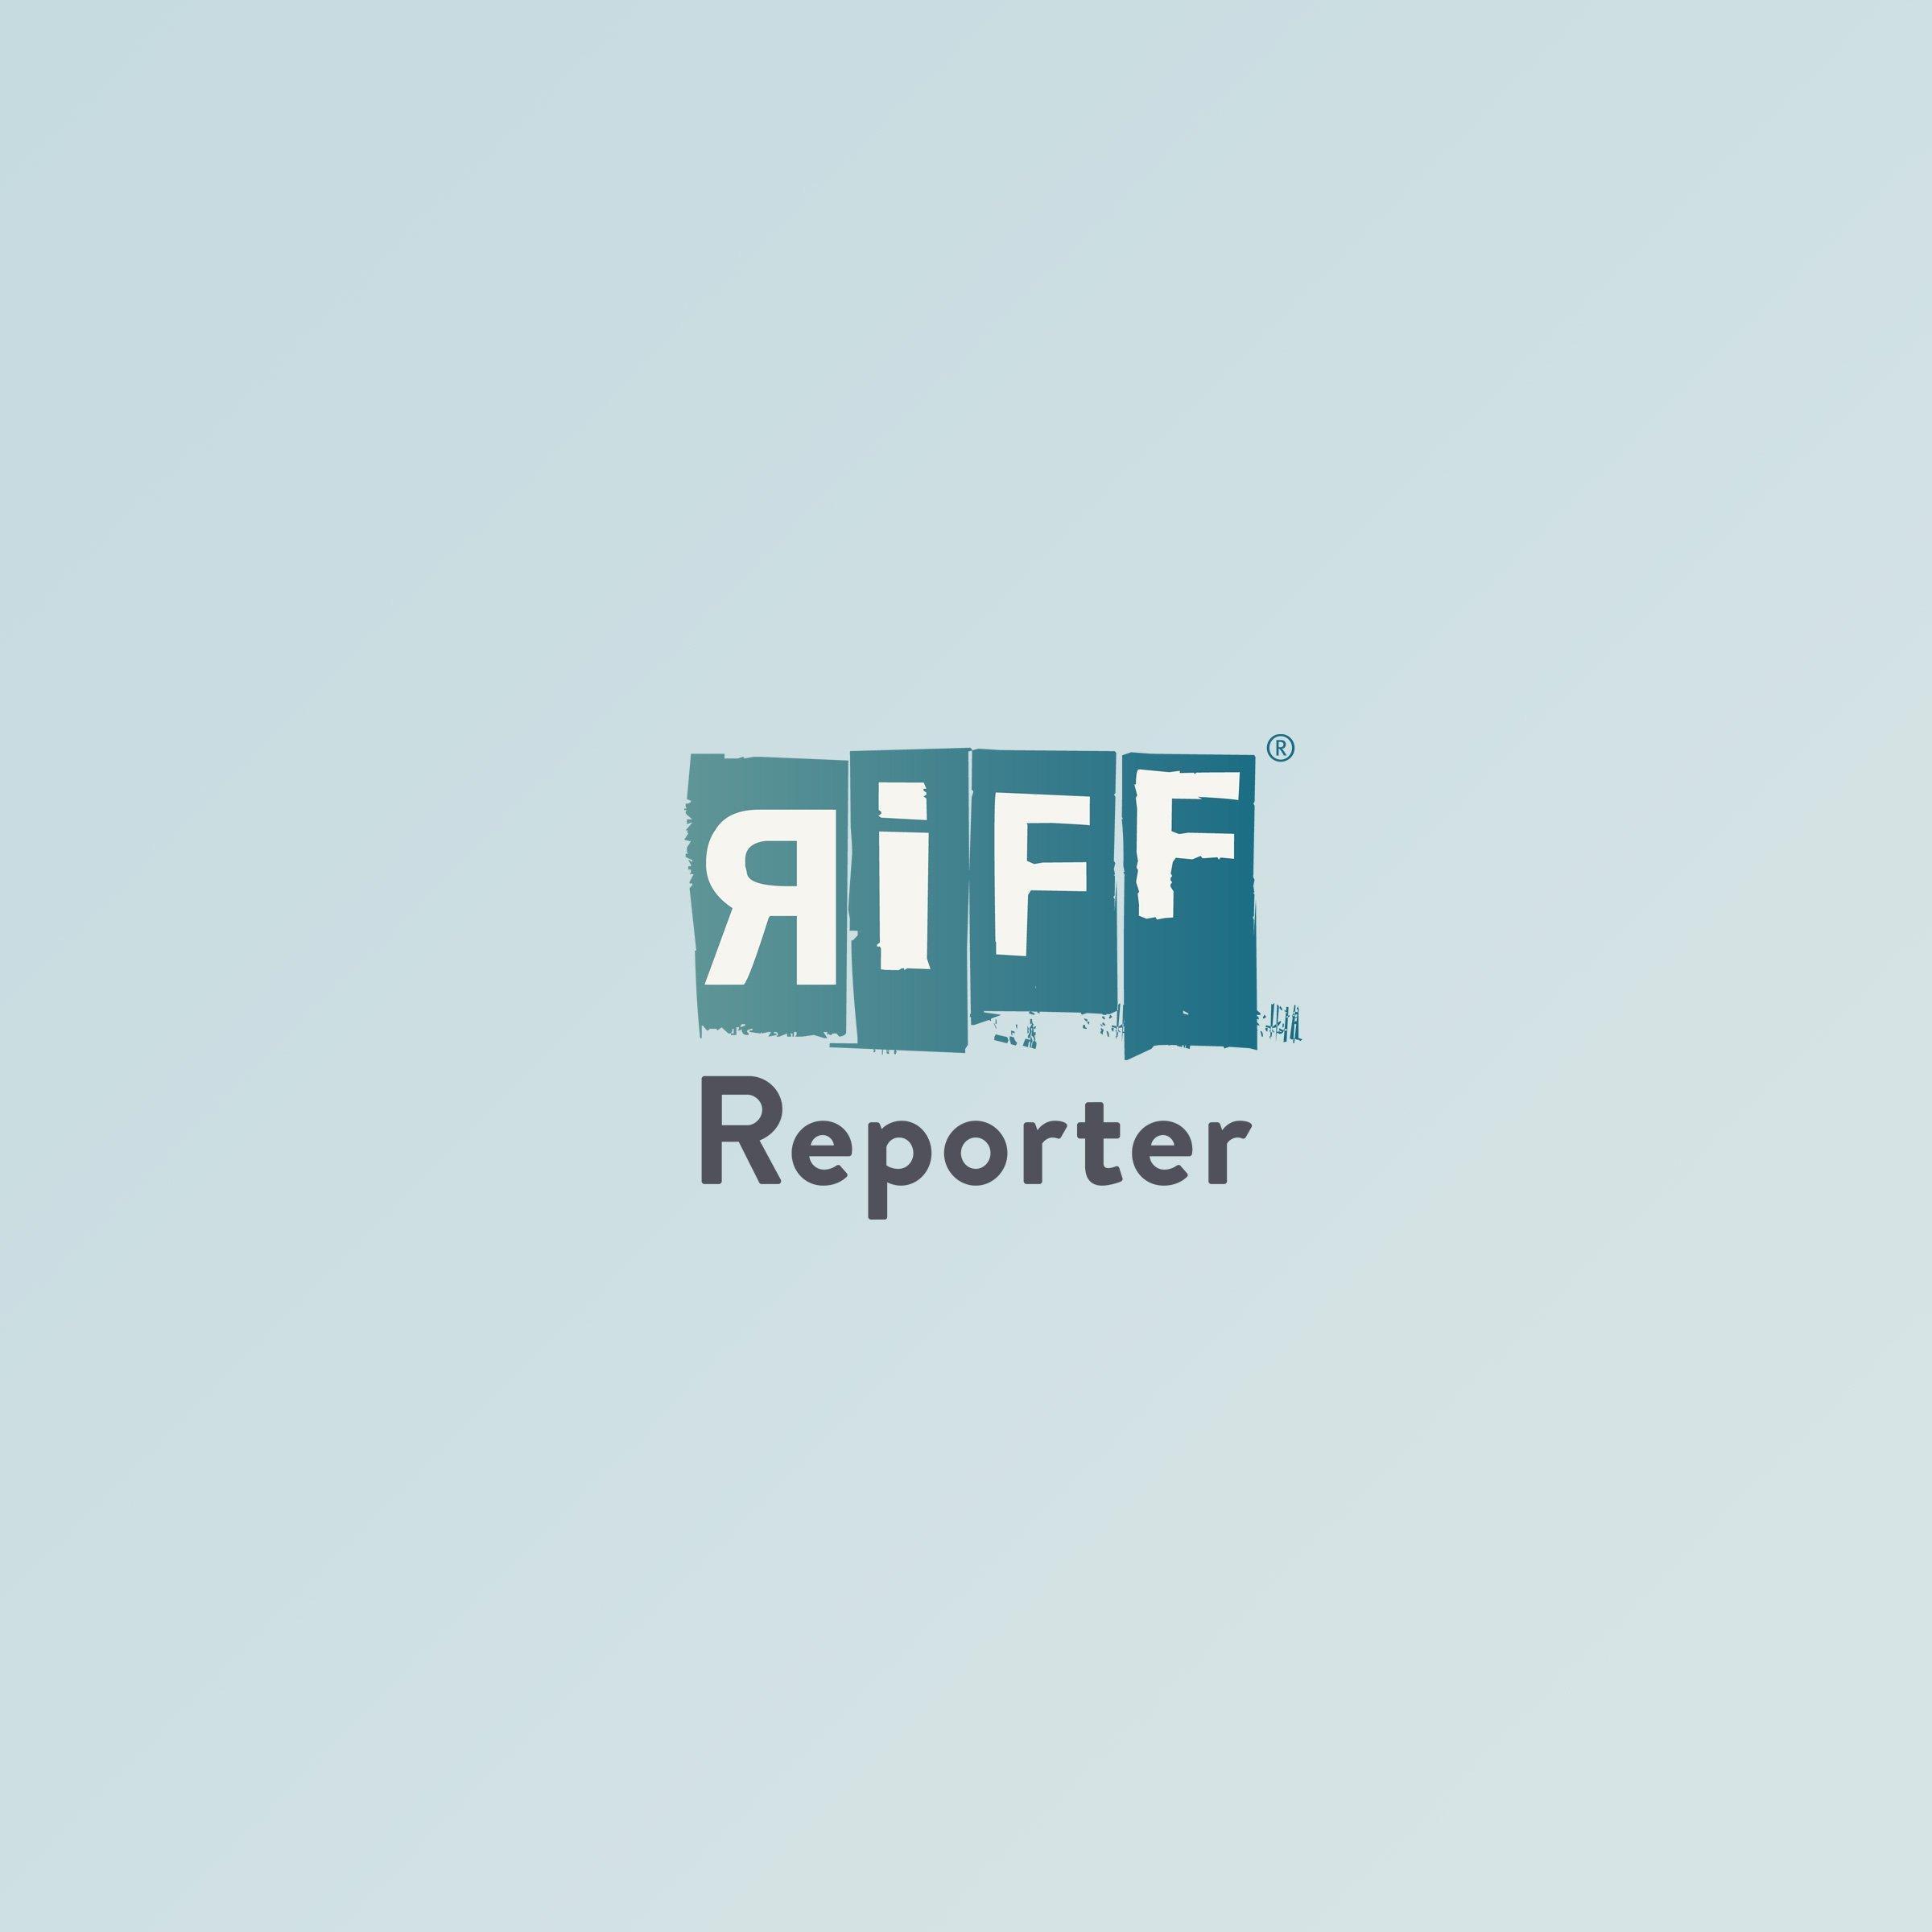 Der Journalist Rüdiger Braun.